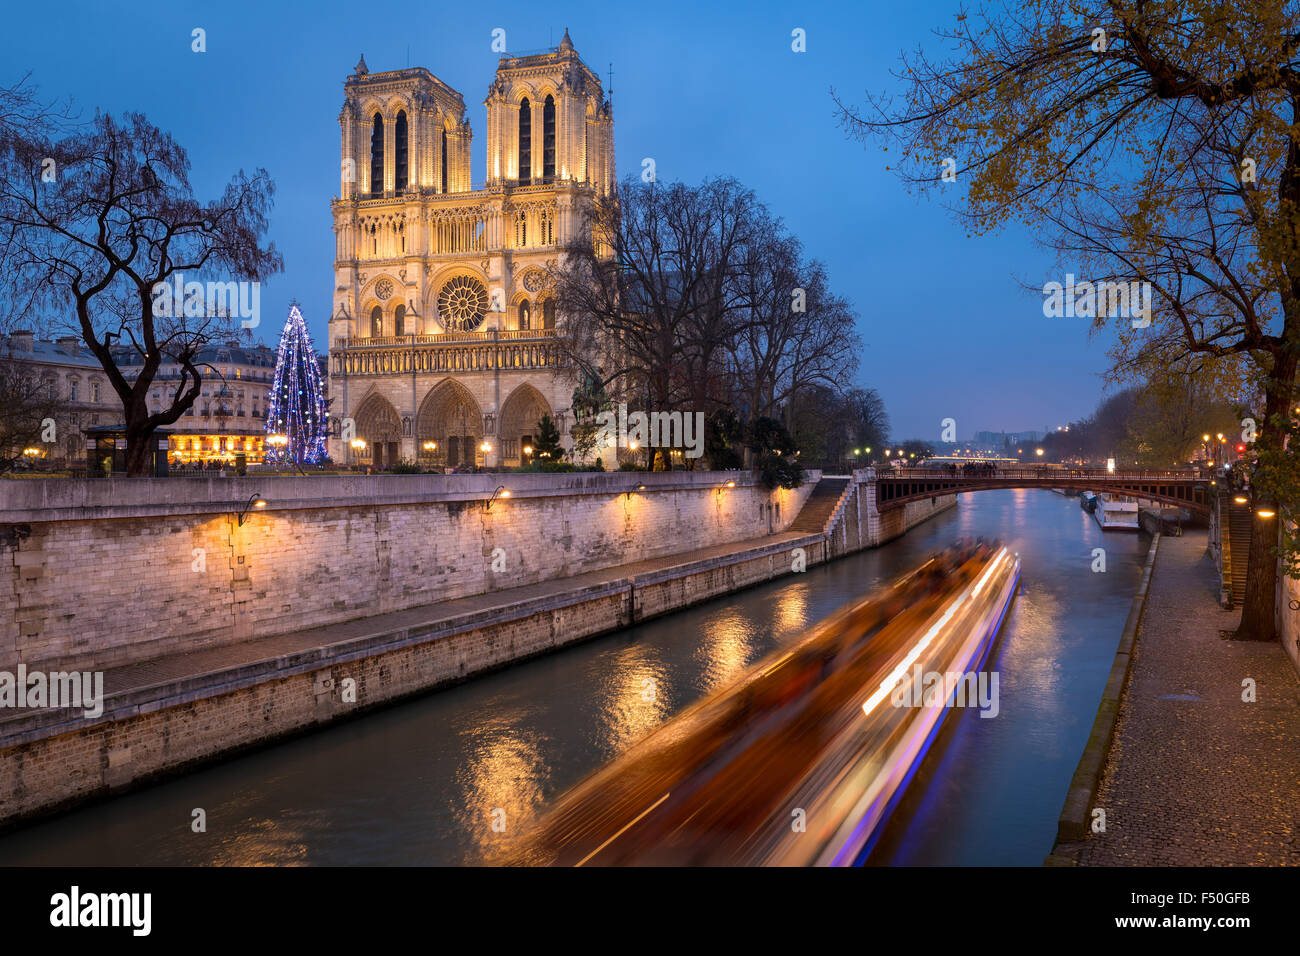 La Cathédrale Notre Dame de Paris et l'arbre de Noël Illumination en soirée avec la Seine, l'Ile Photo Stock